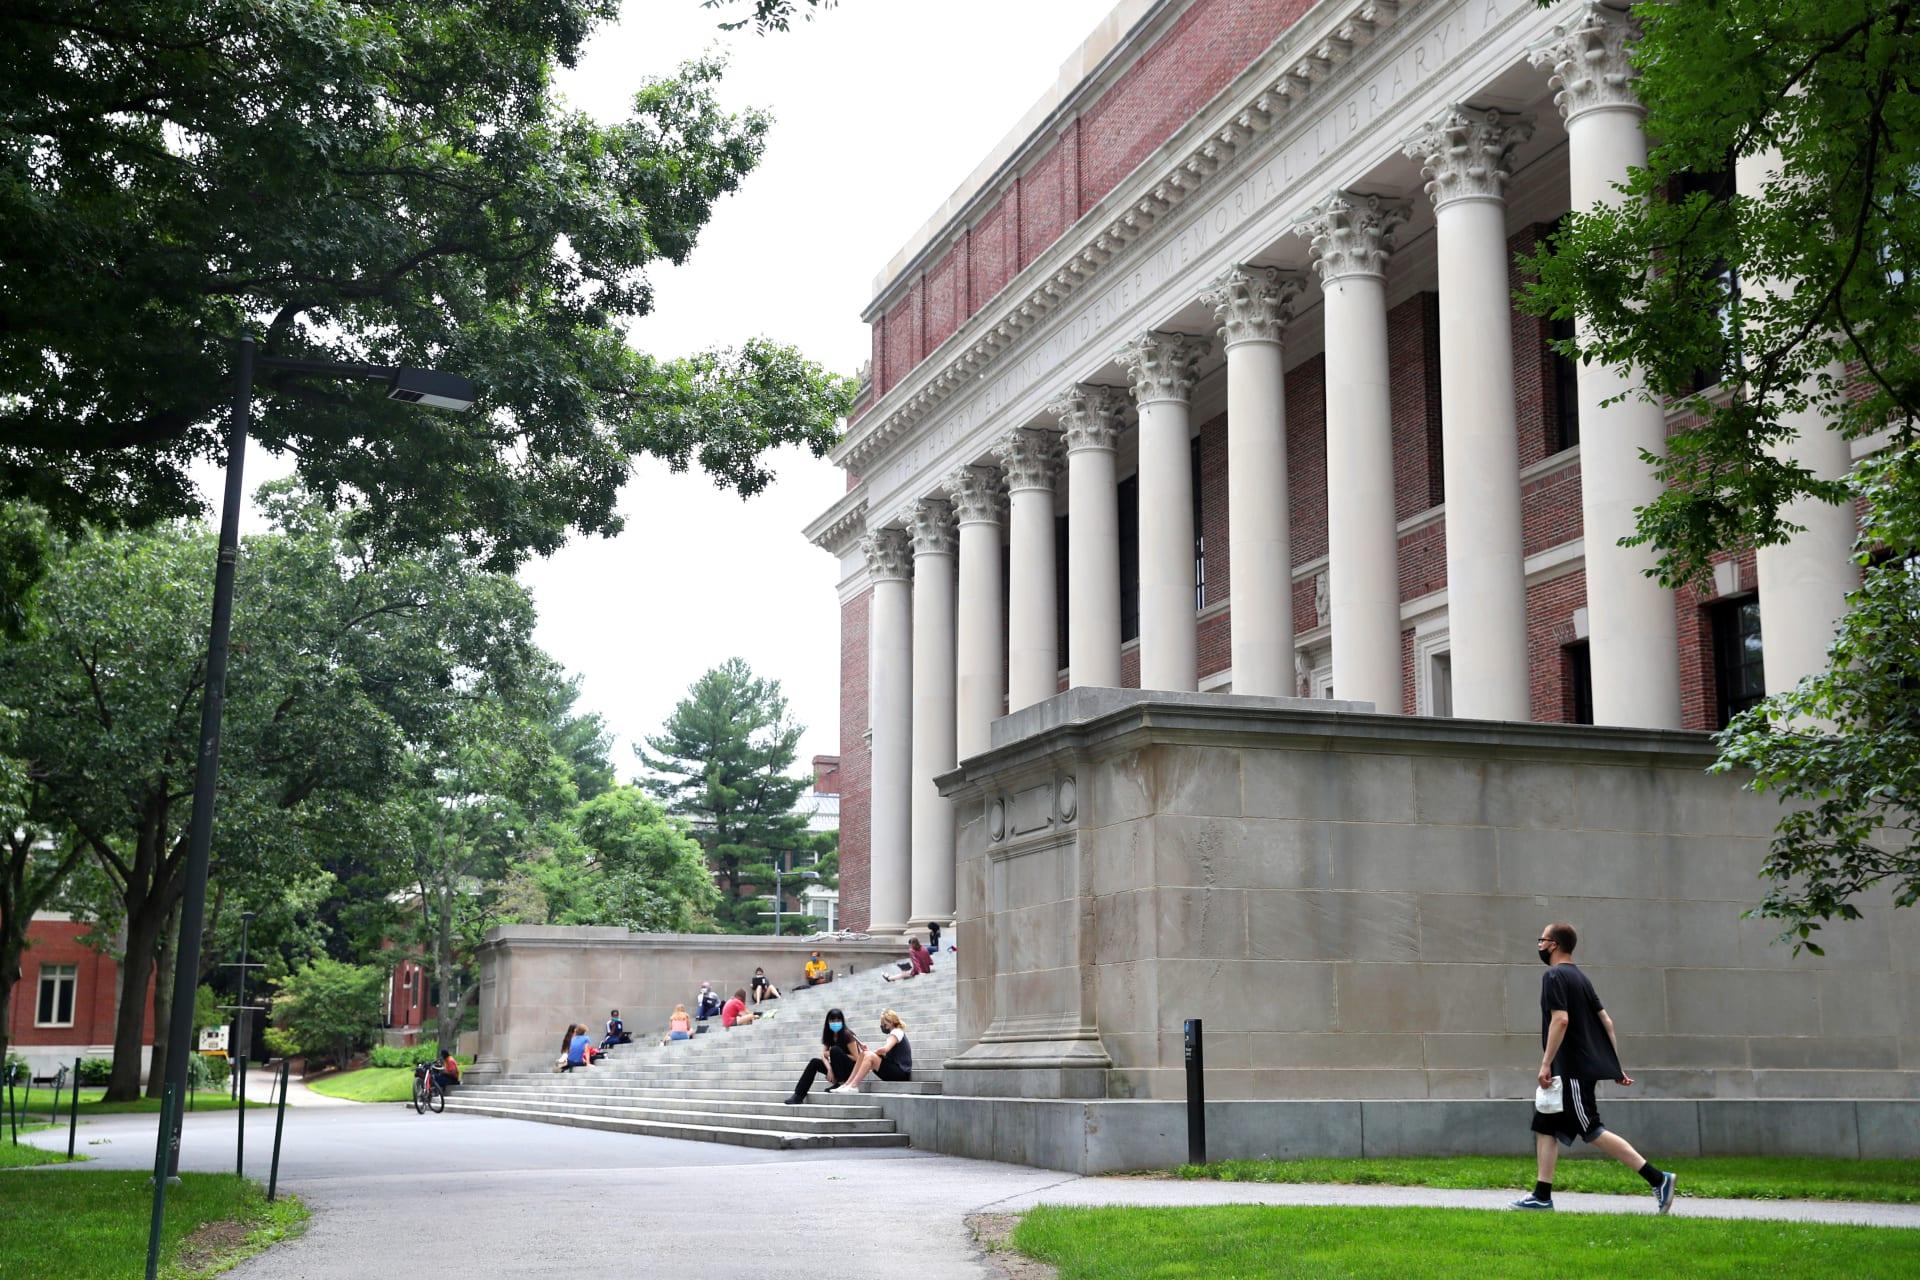 إدارة الهجرة الأمريكية: لن يسمح للطلاب الأجانب الجدد بدخول الولايات المتحدة